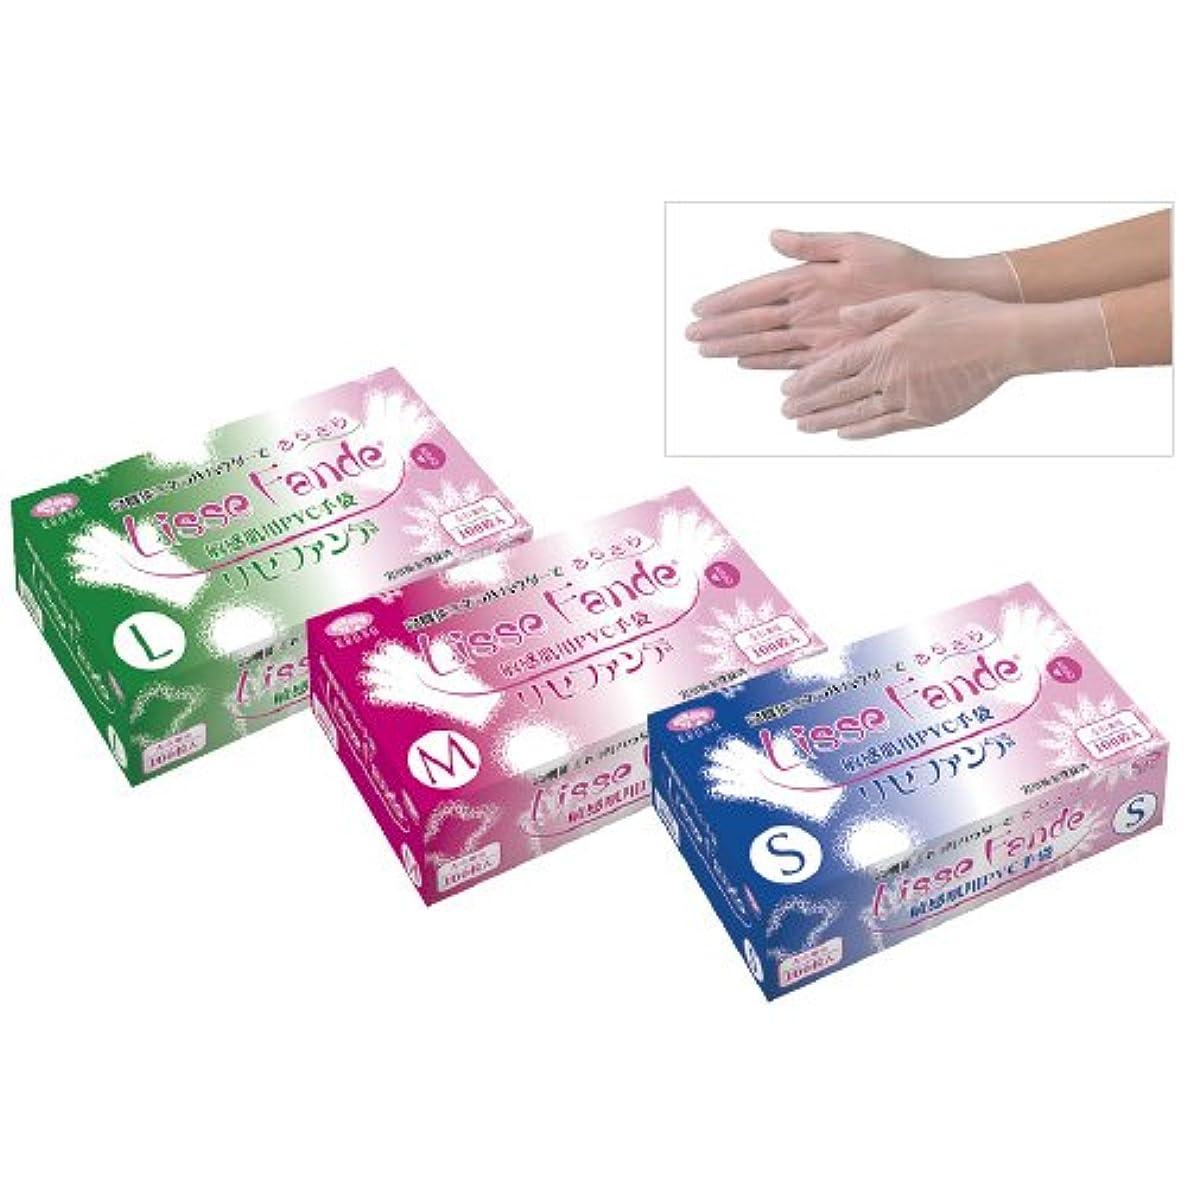 下位混沌悲劇敏感肌用PVC手袋リセファンデ 117(L)100???? ??????????PVC??????(24-4373-02)【エブノ】[20箱単位]